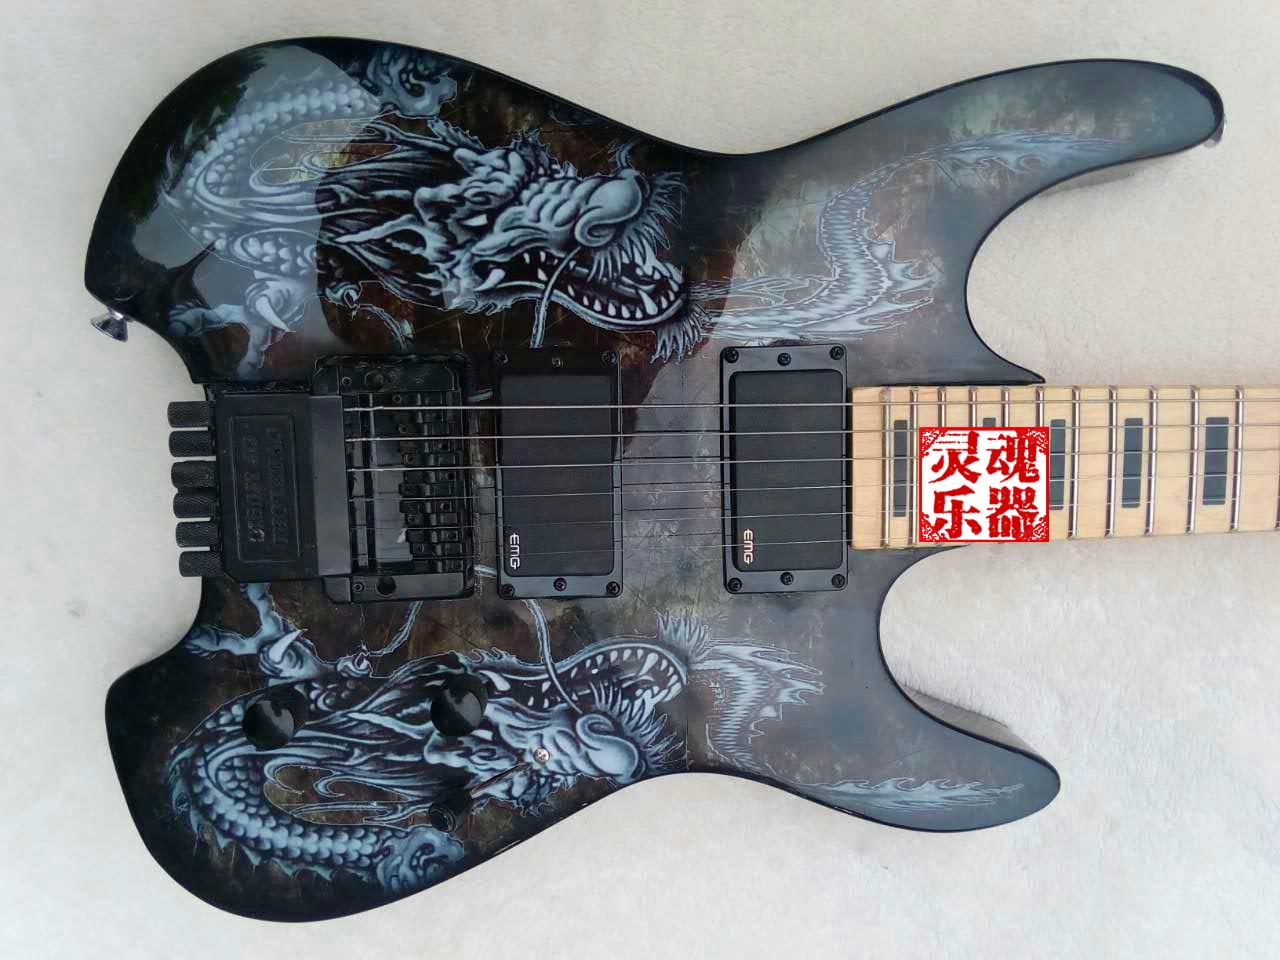 斯皮尔伯格电吉他无头电吉他双龙戏珠电吉他异形电吉他吉他初学者